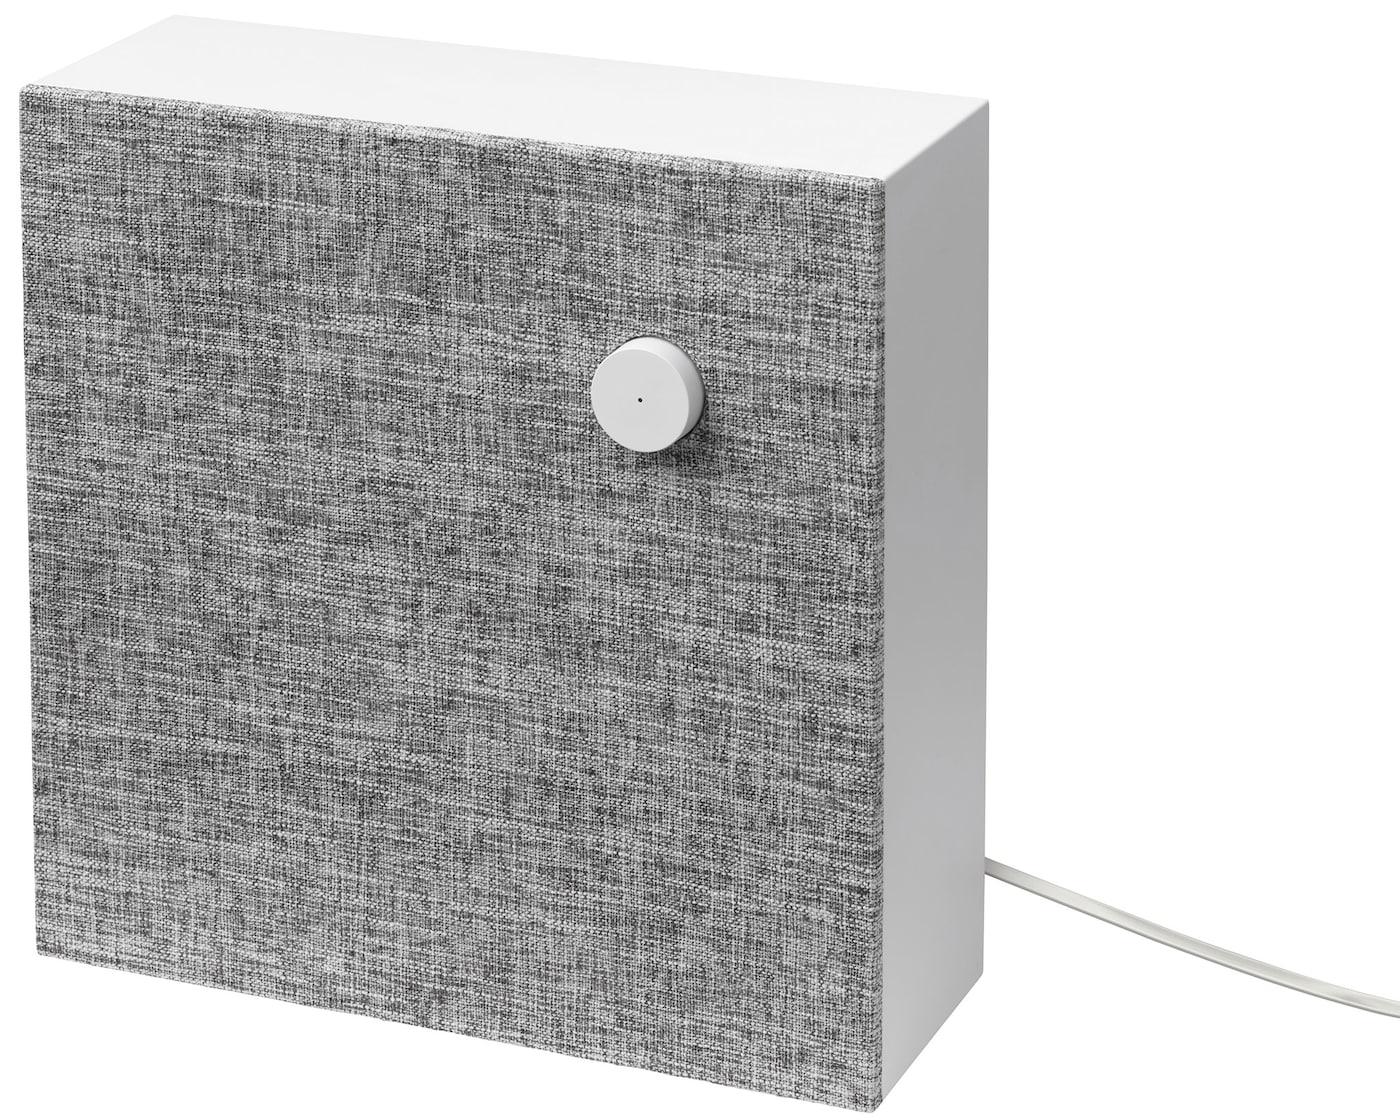 Coluna Bluetooth ENEBY, montada na parede num fundo branco.